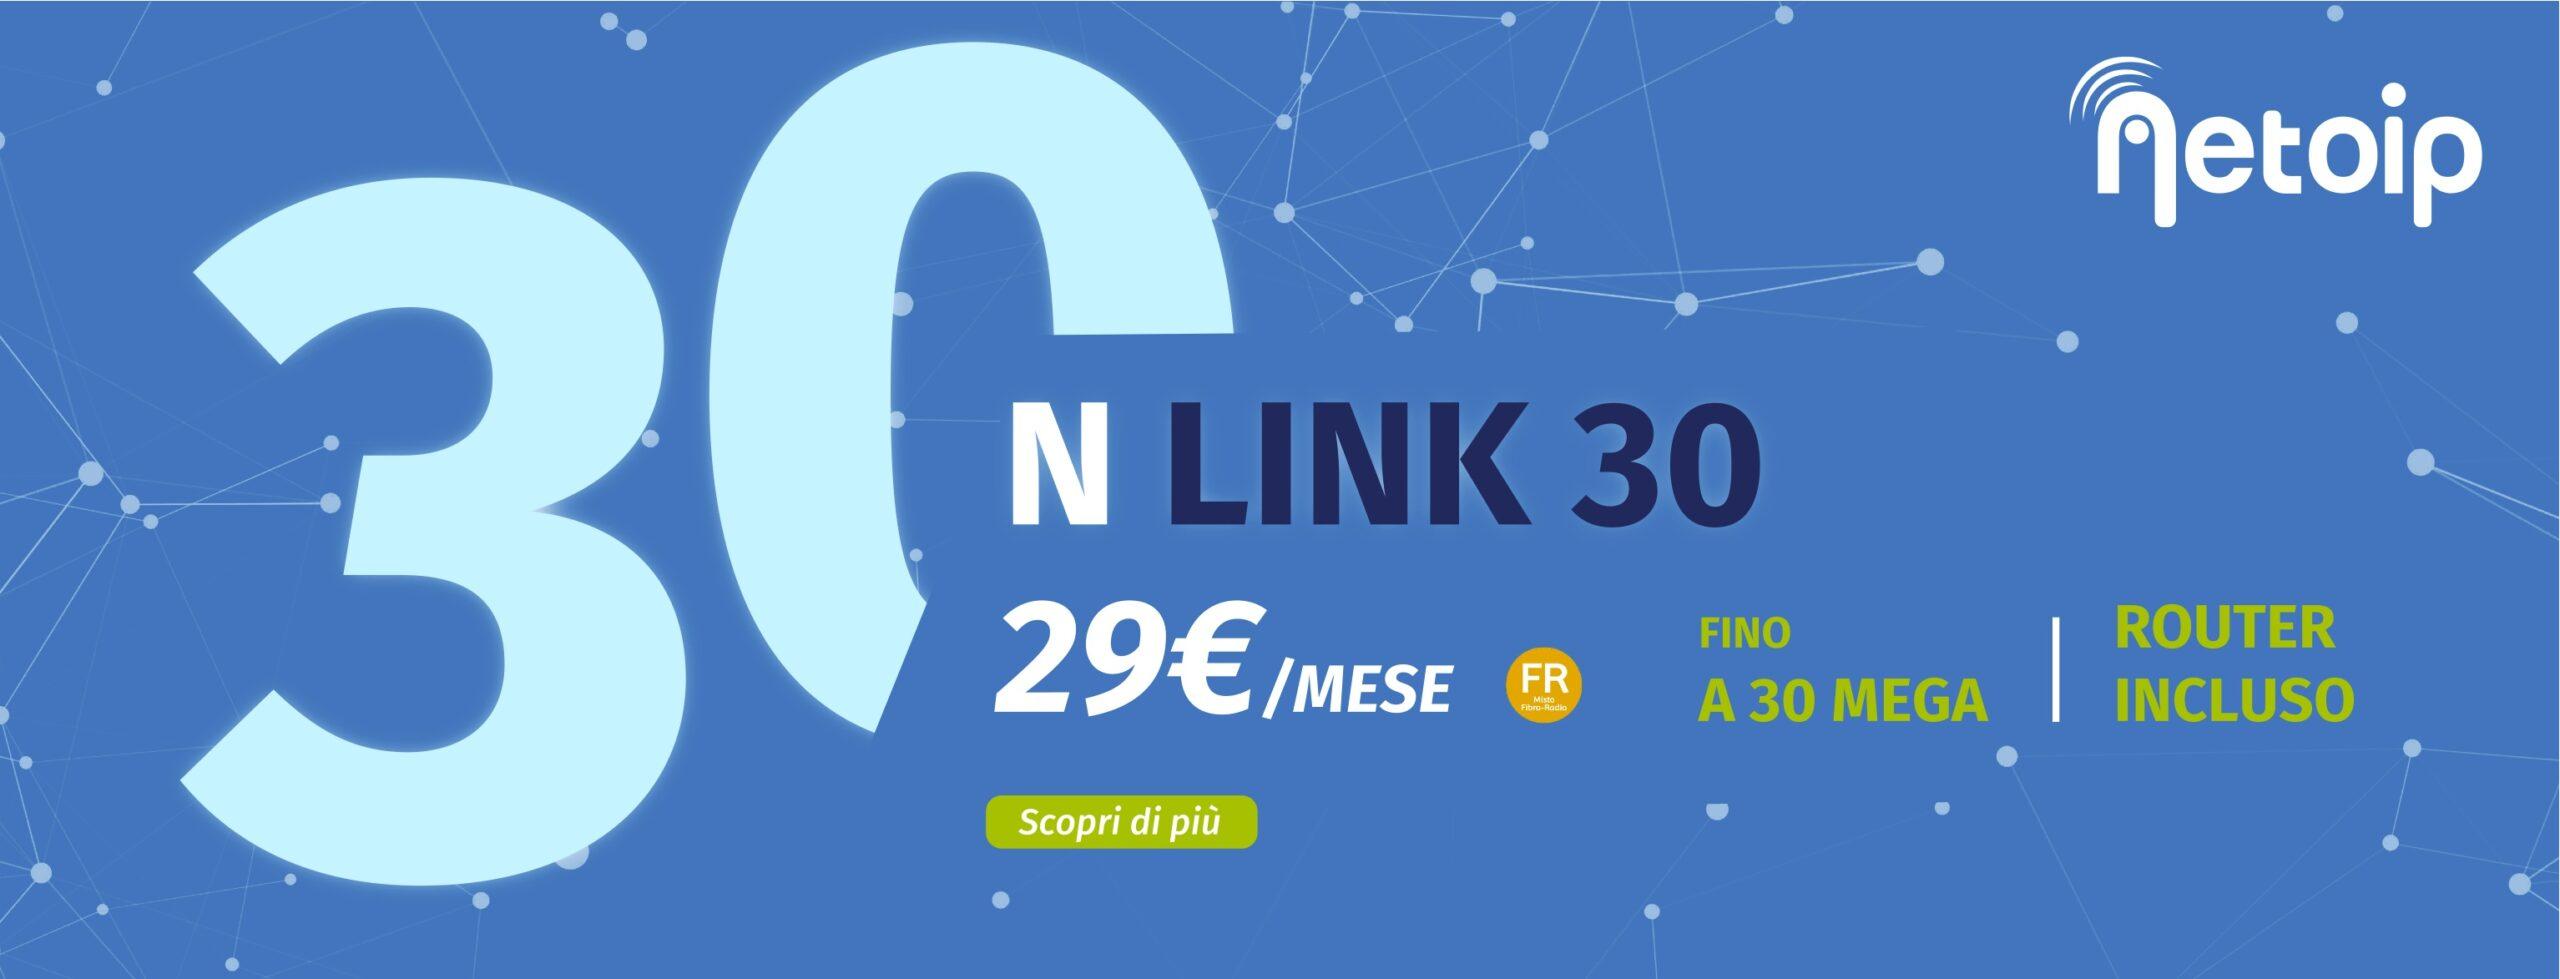 N LINK 30